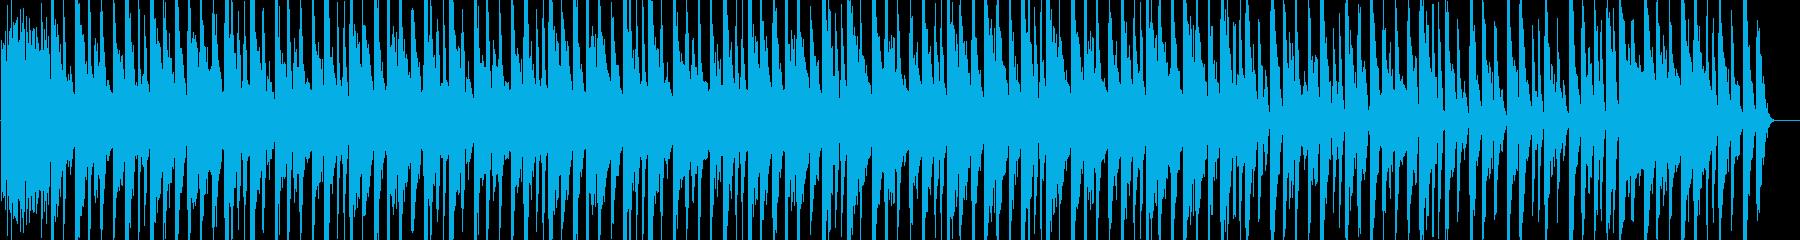 楽しくアッパーなヒップホップのんの再生済みの波形